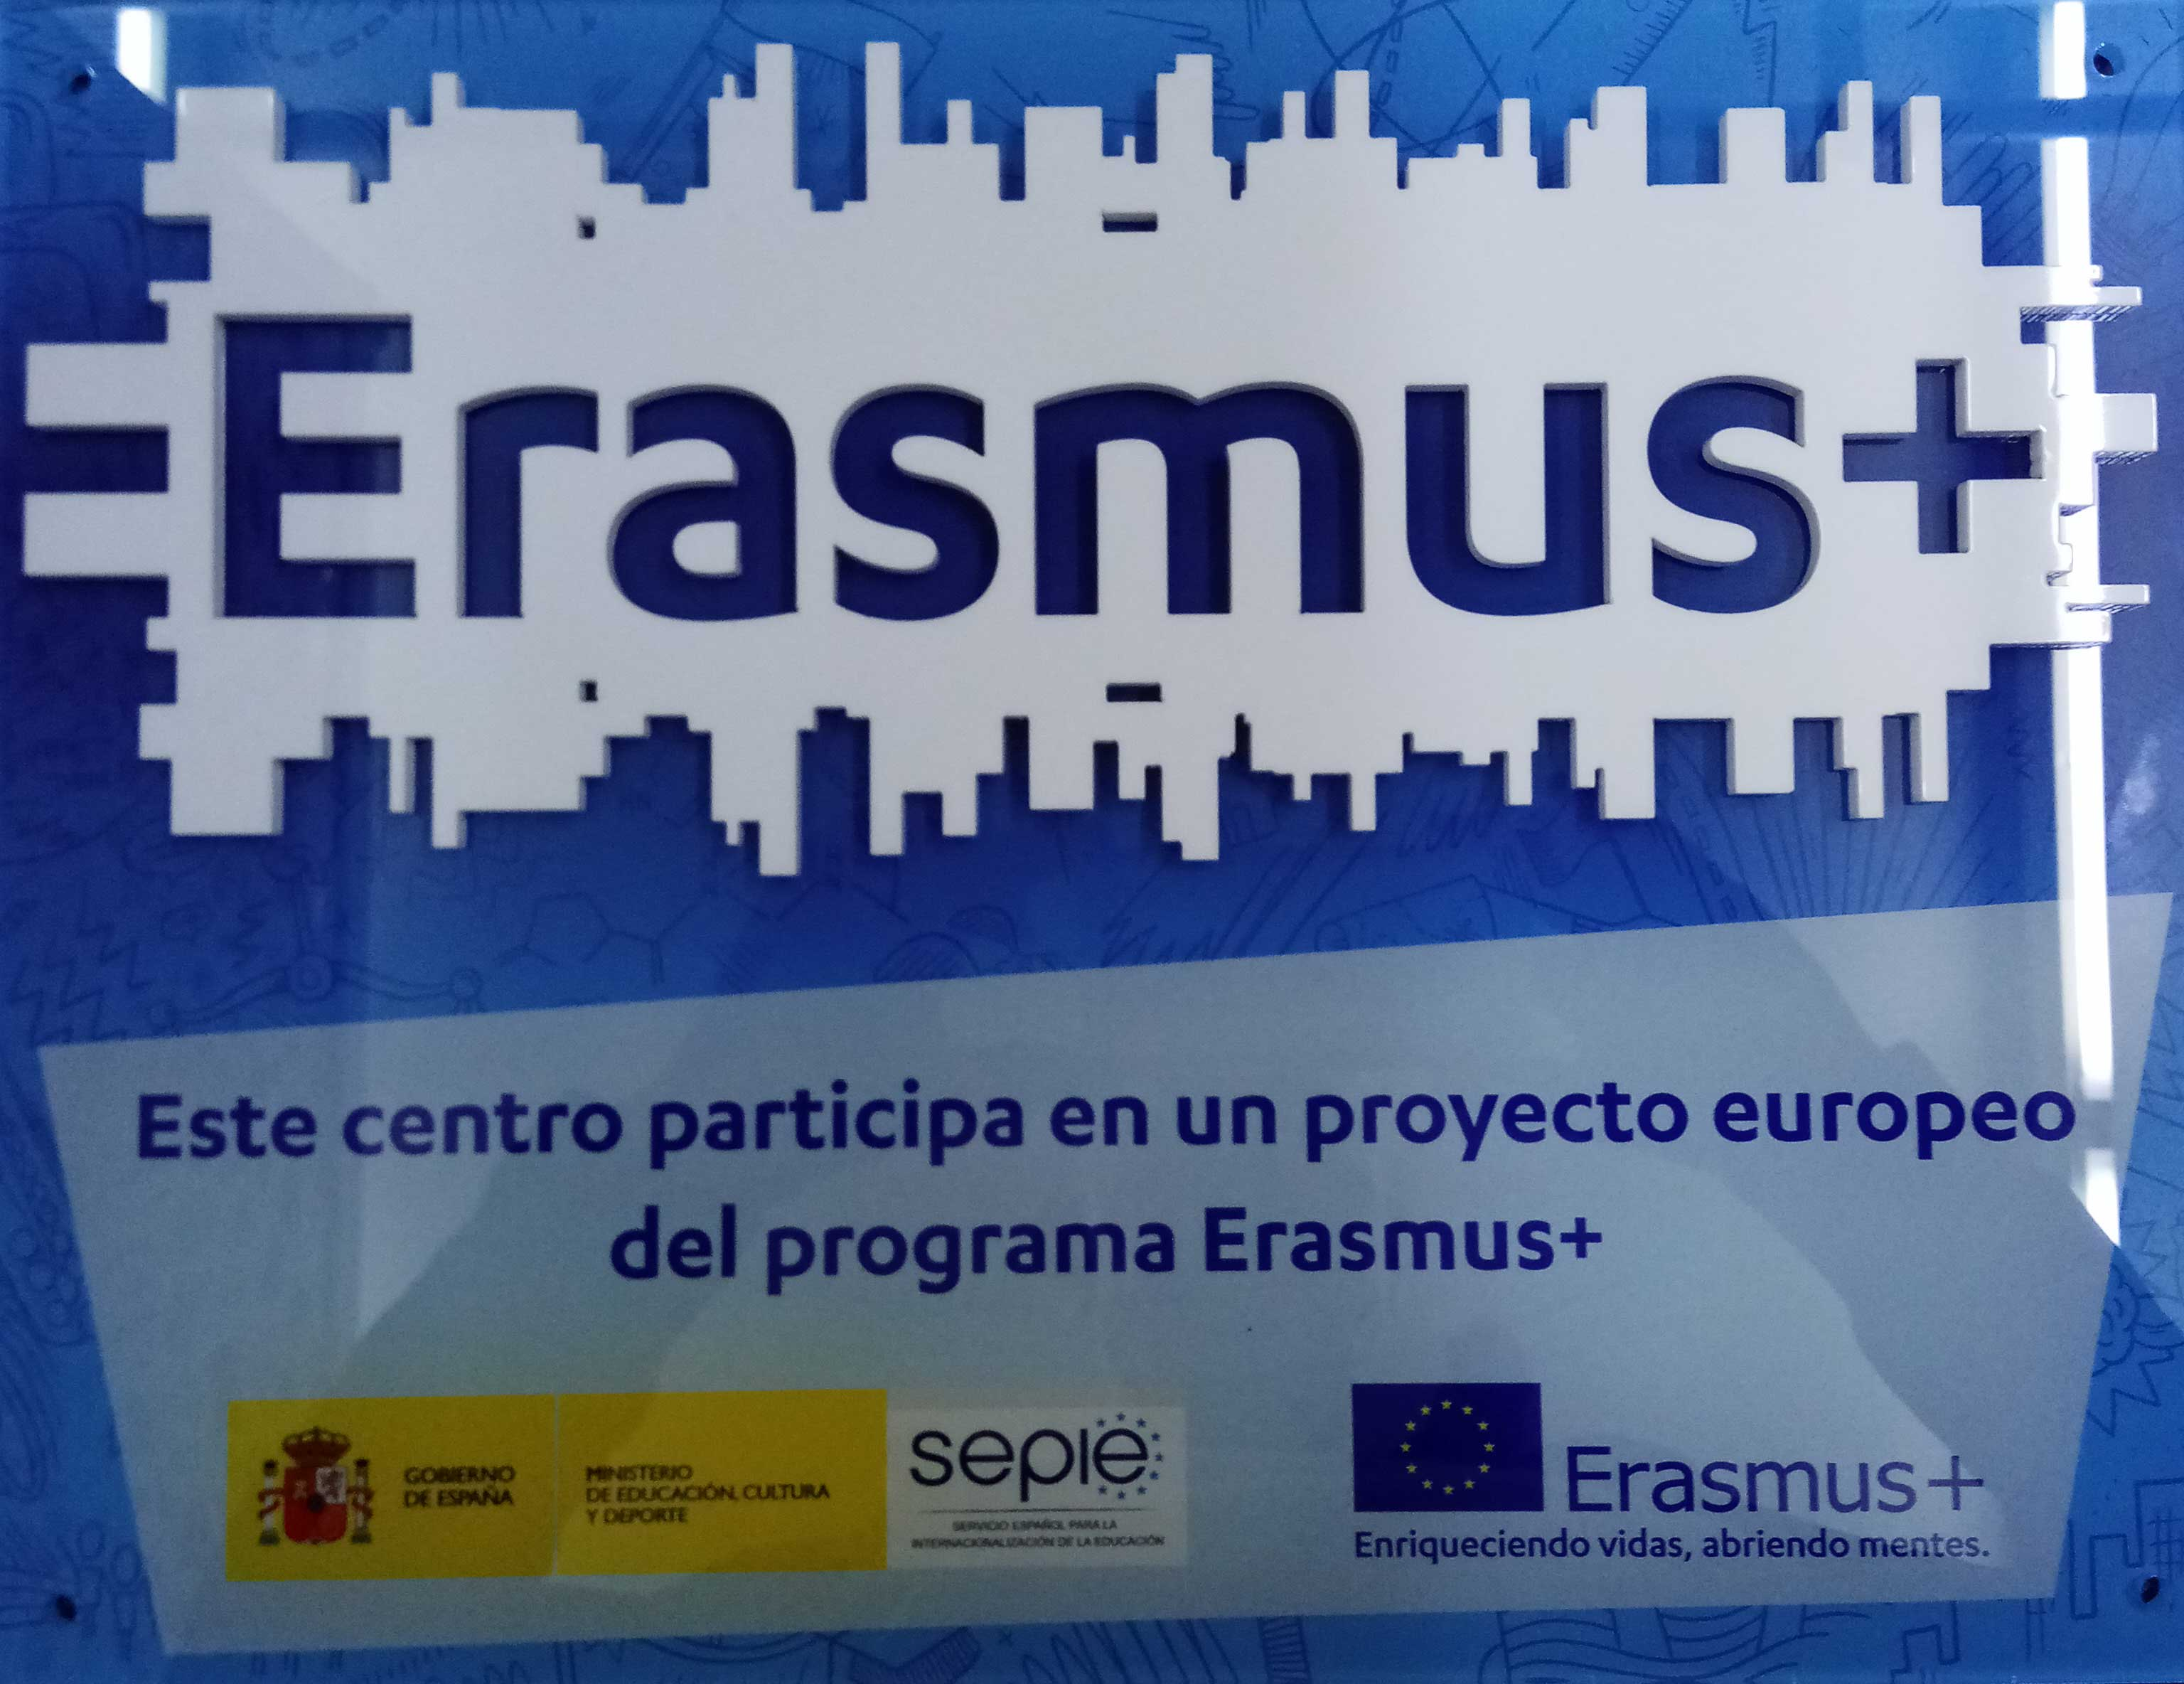 El SEPIE agradece al IZV su participación en el programa Erasmus*